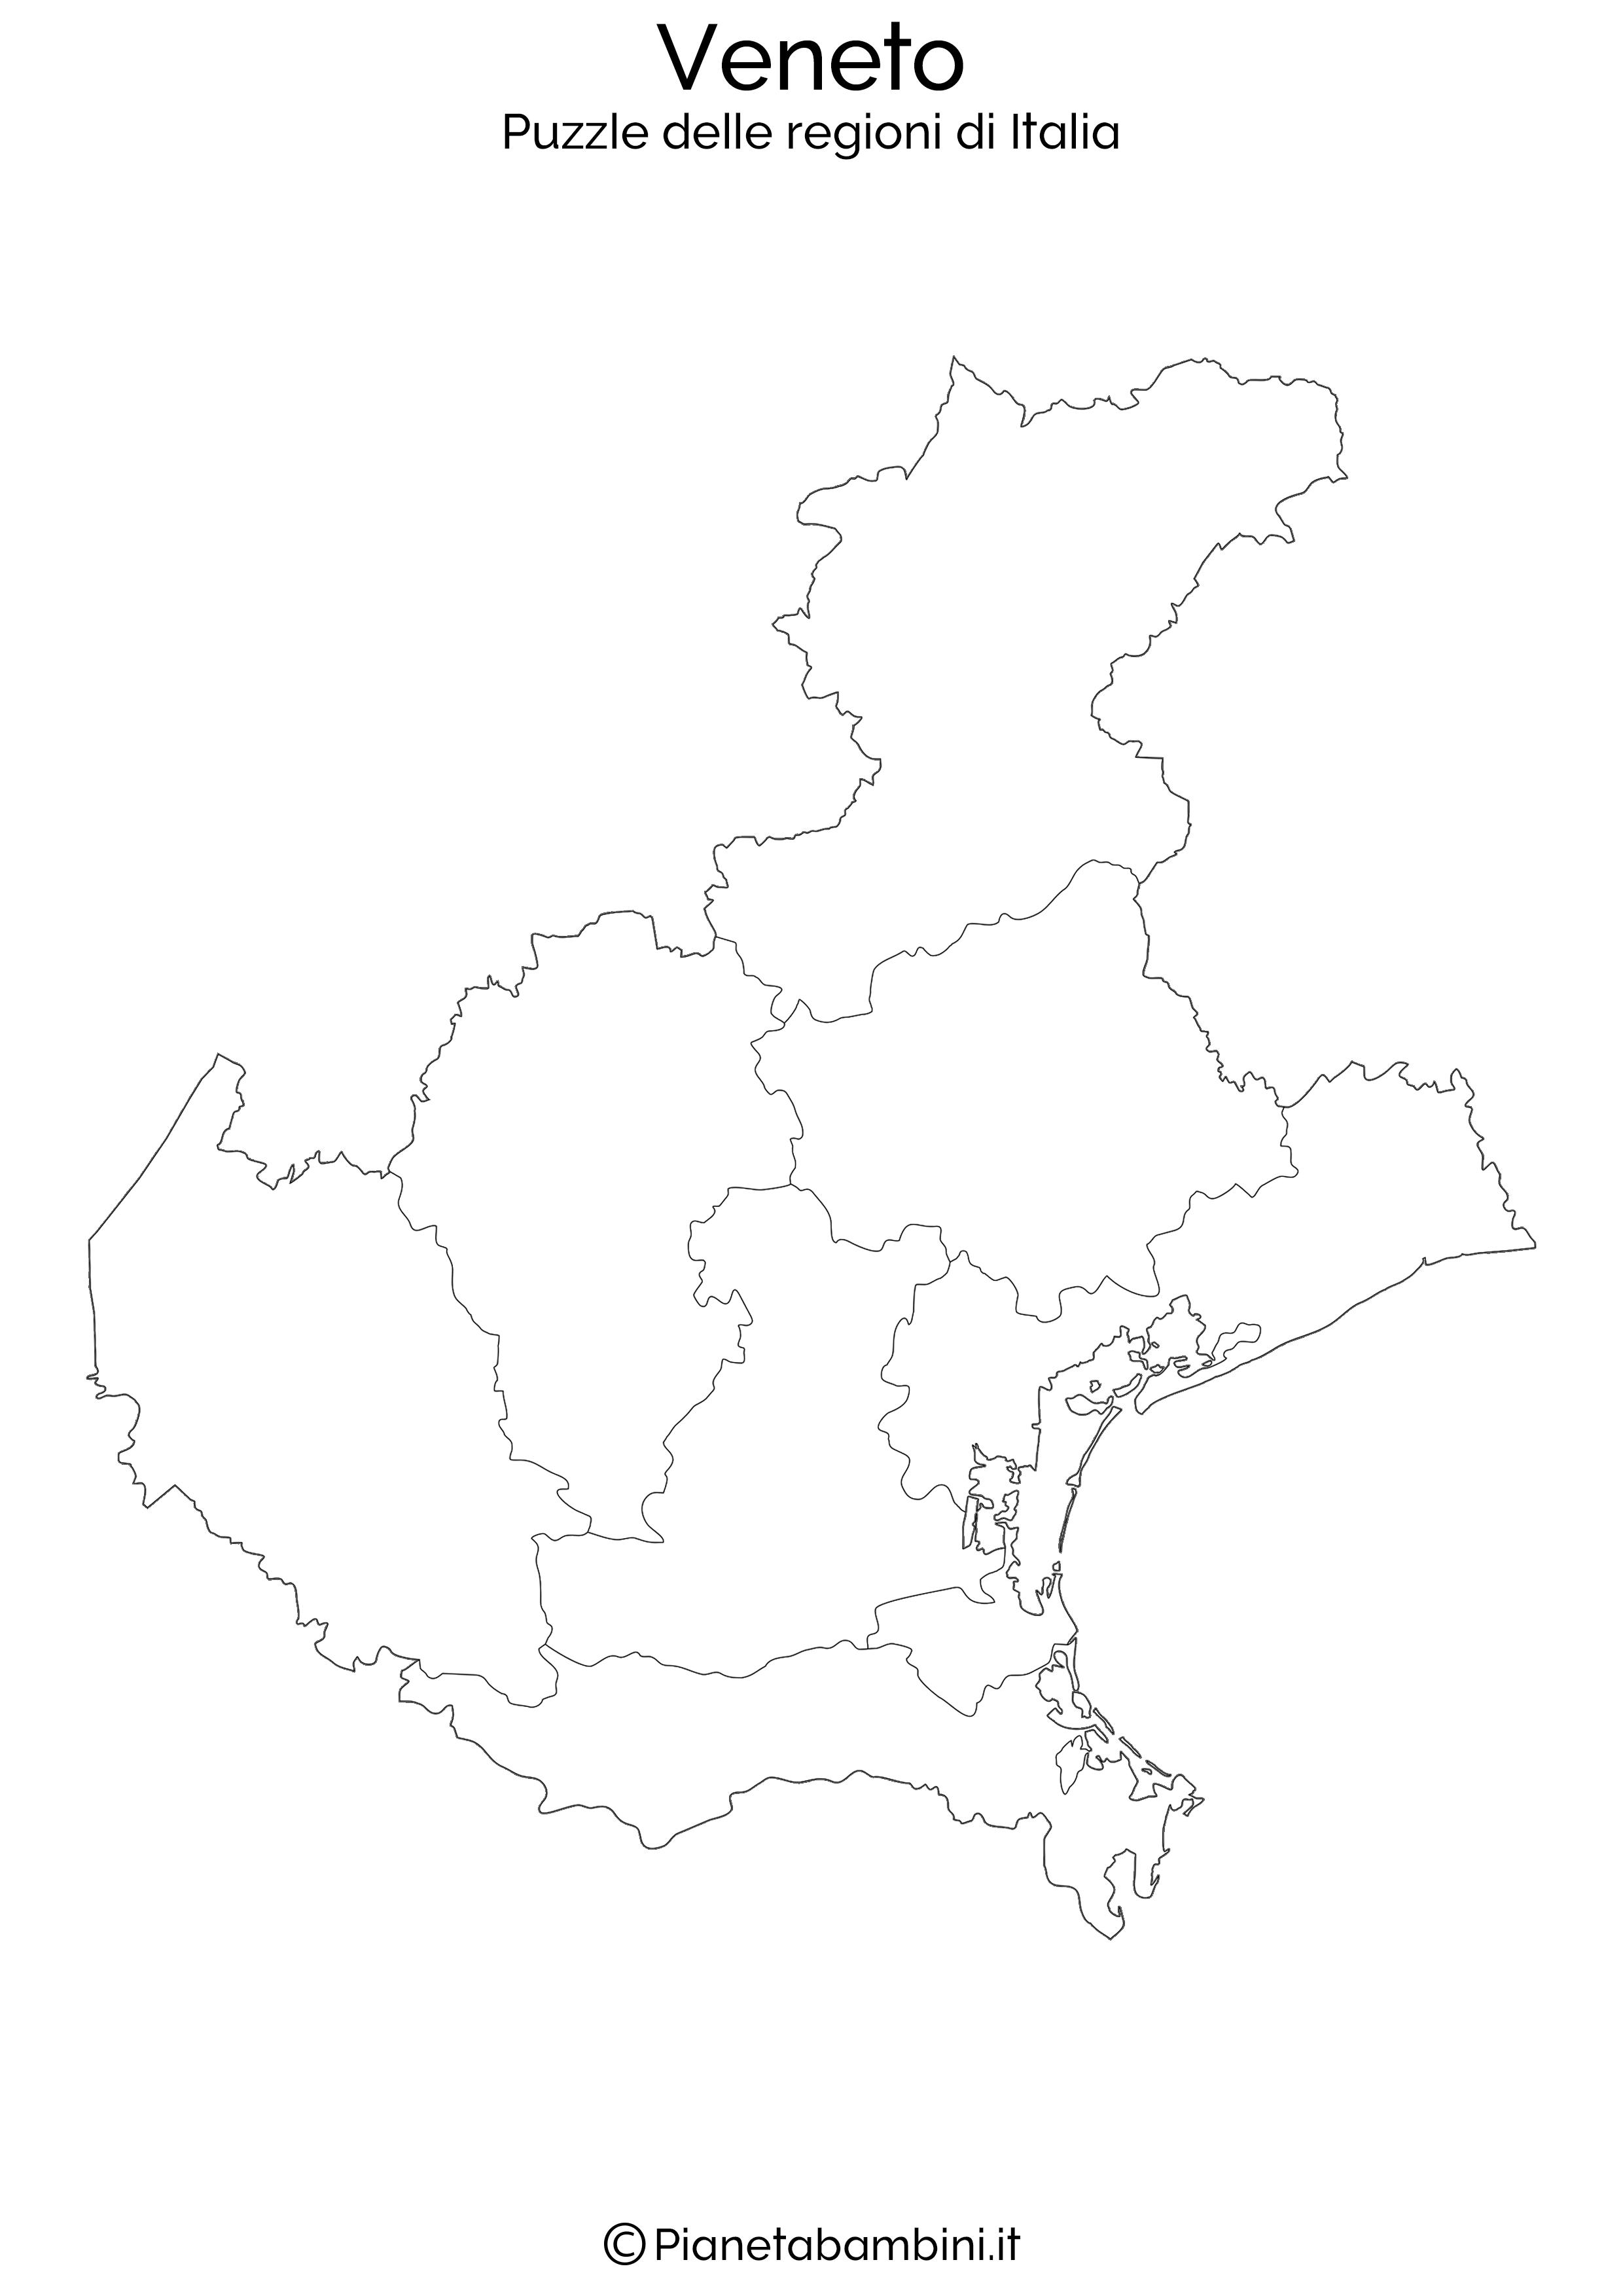 Cartina Fisica Del Veneto Da Stampare.Puzzle Delle Regioni D Italia Da Stampare Immagini Di Scuola Mappa Dell Italia L Insegnamento Della Geografia